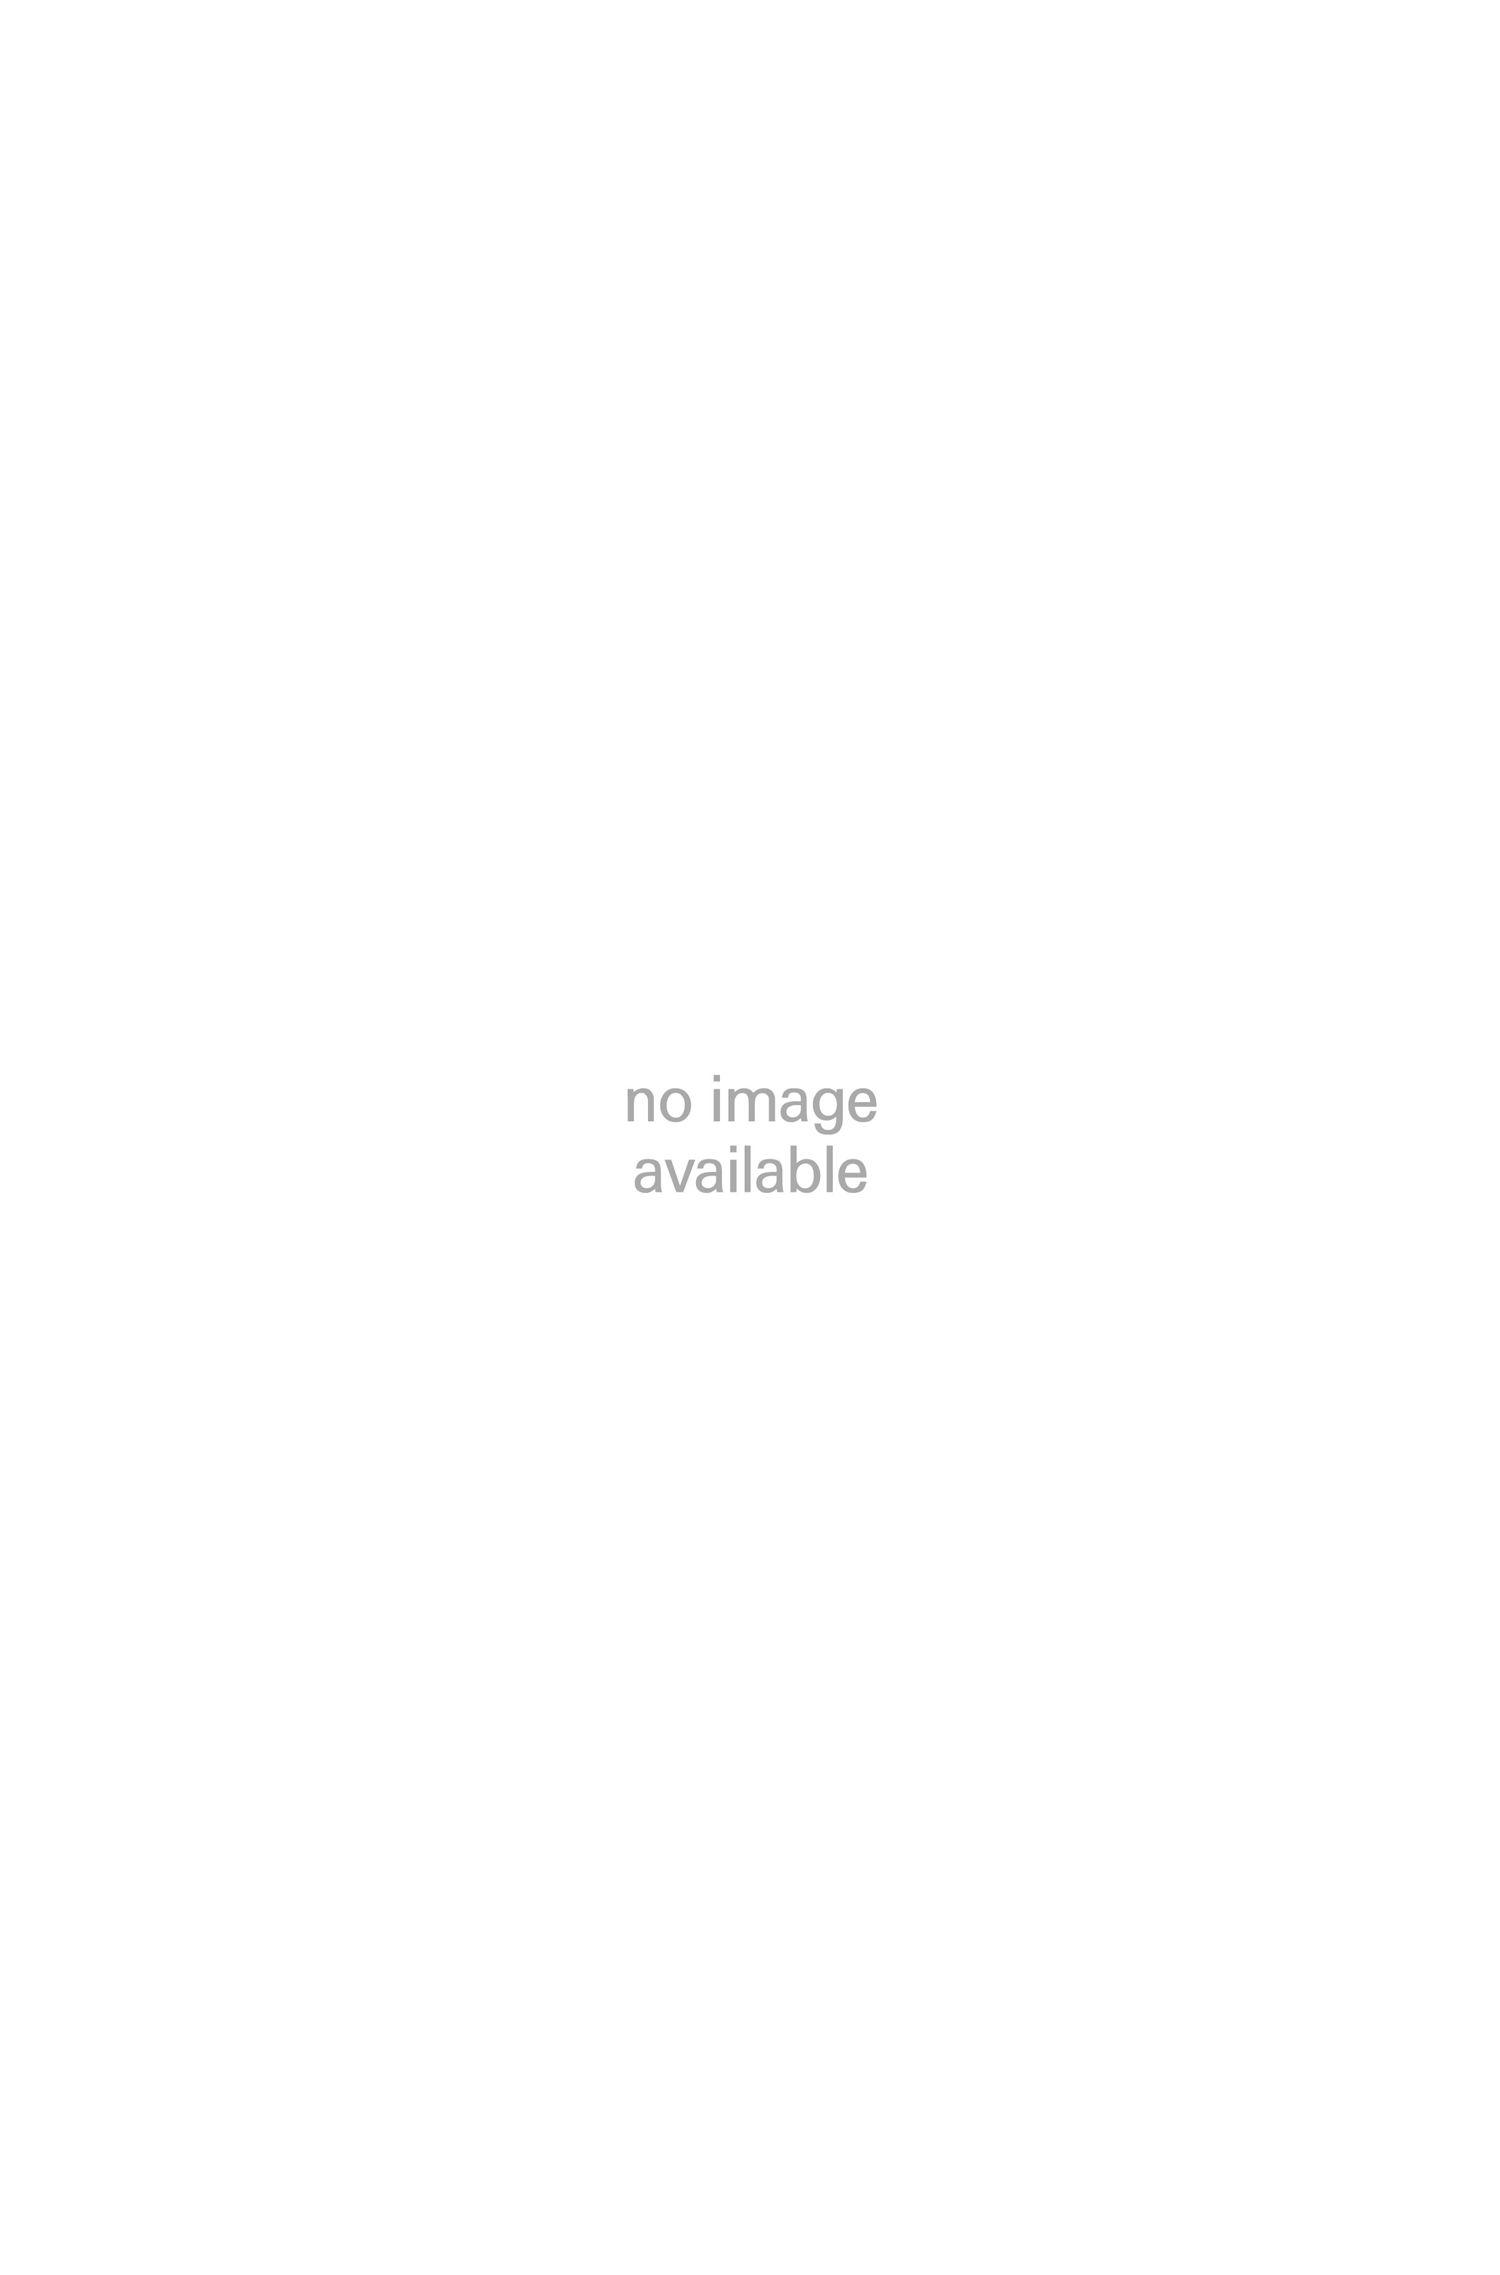 A6-notitieblok van donkergrijs gestructureerd materiaal